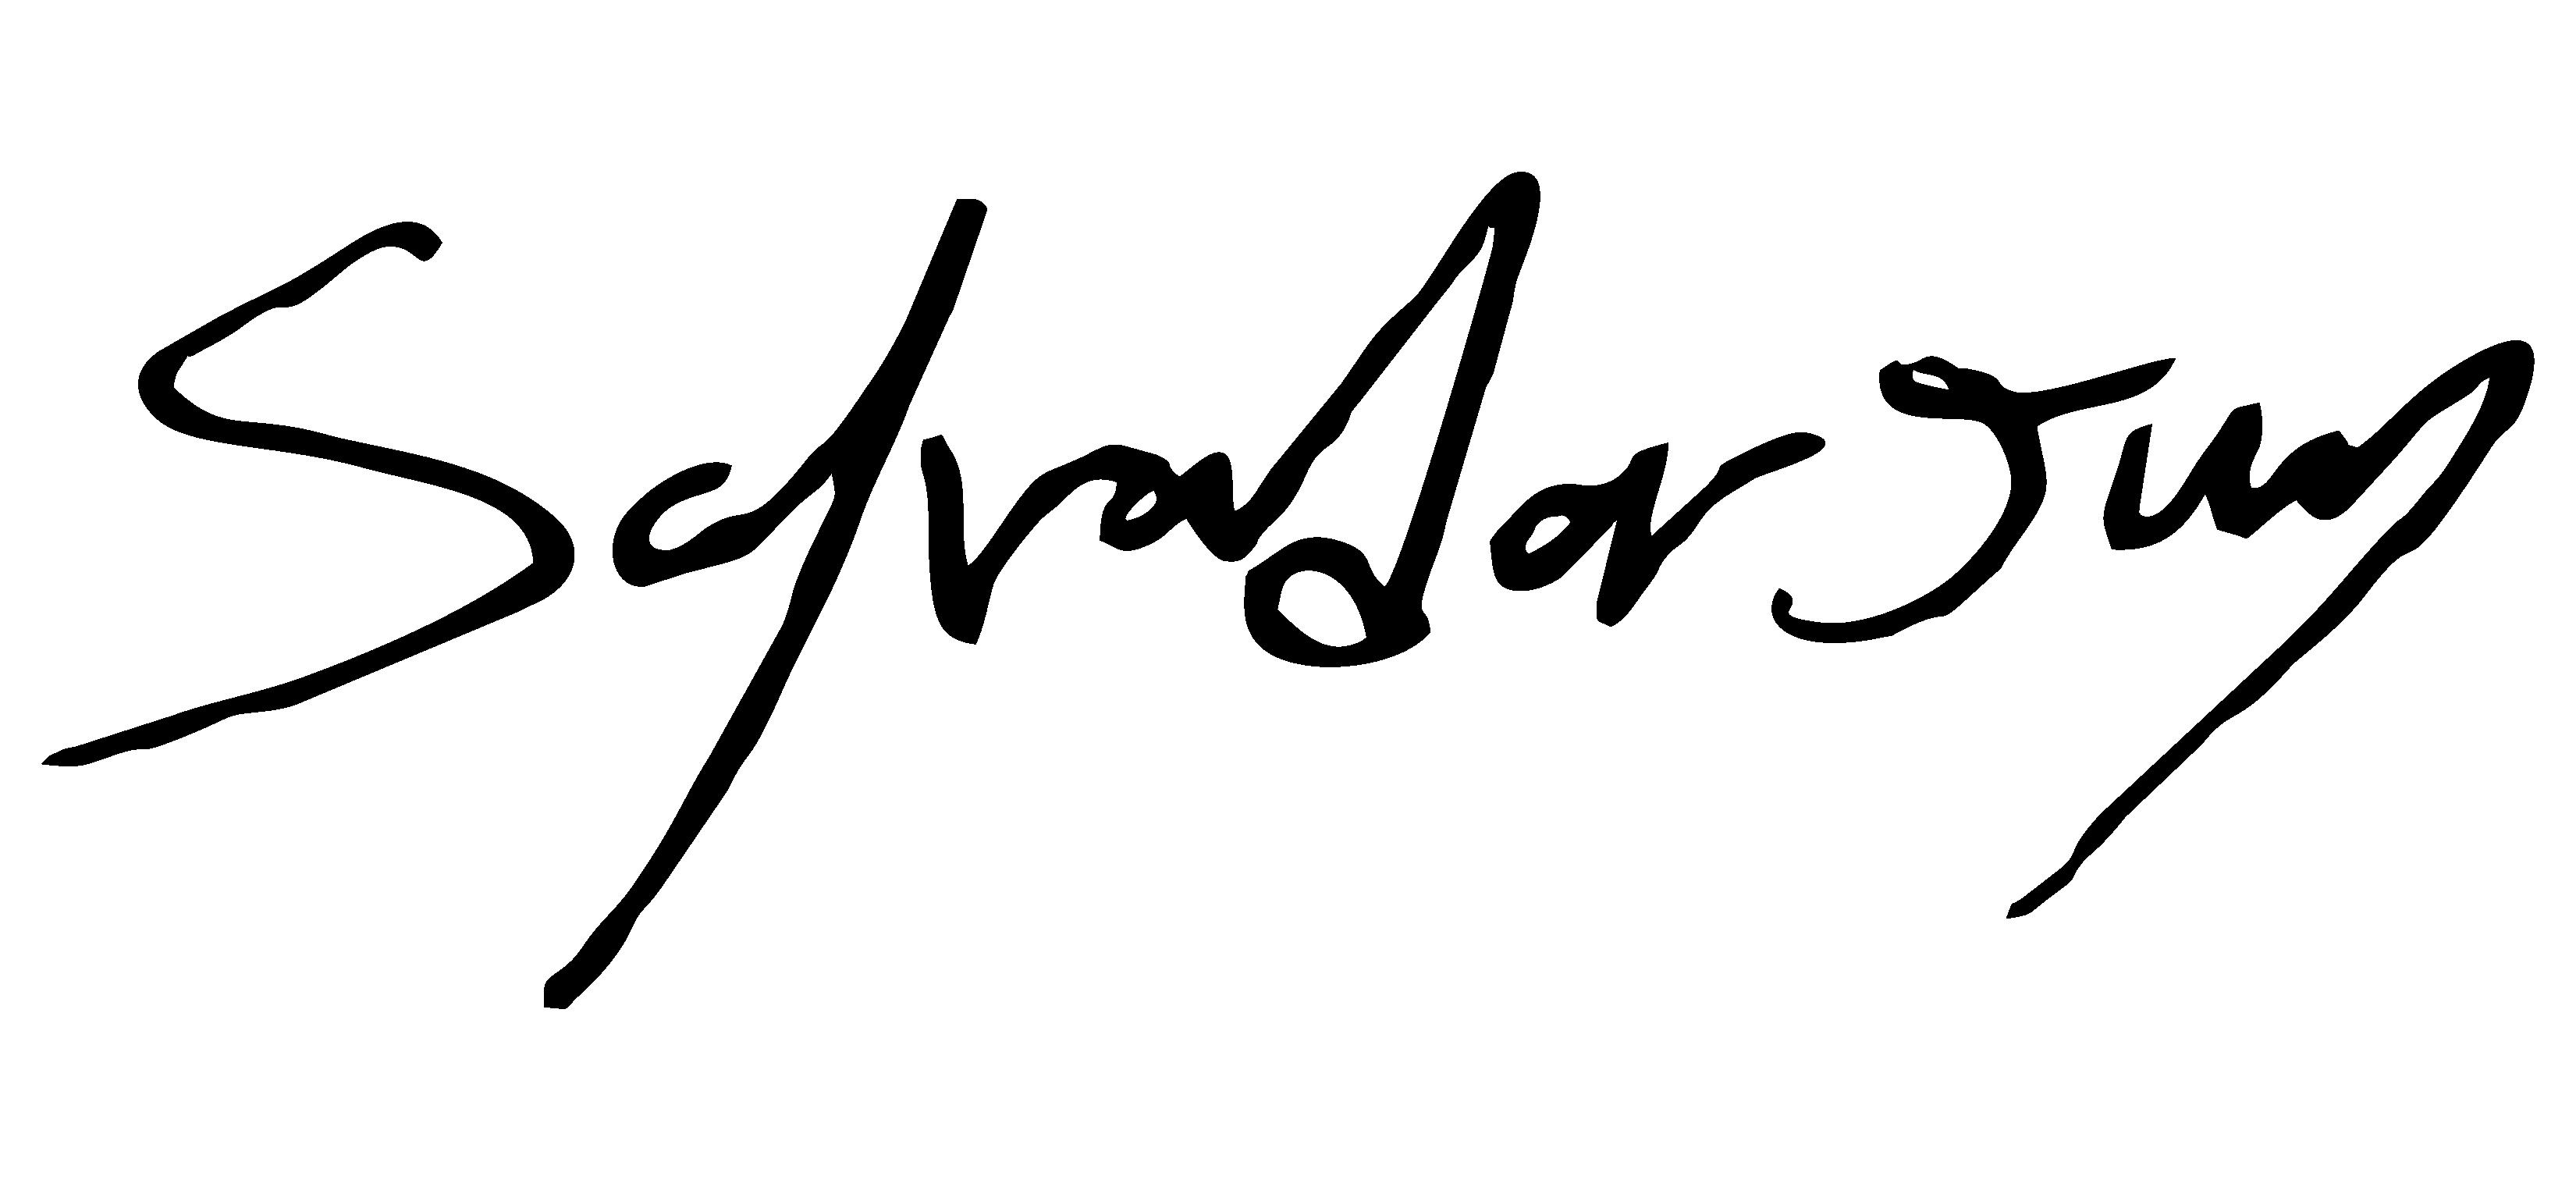 SalvadorJum